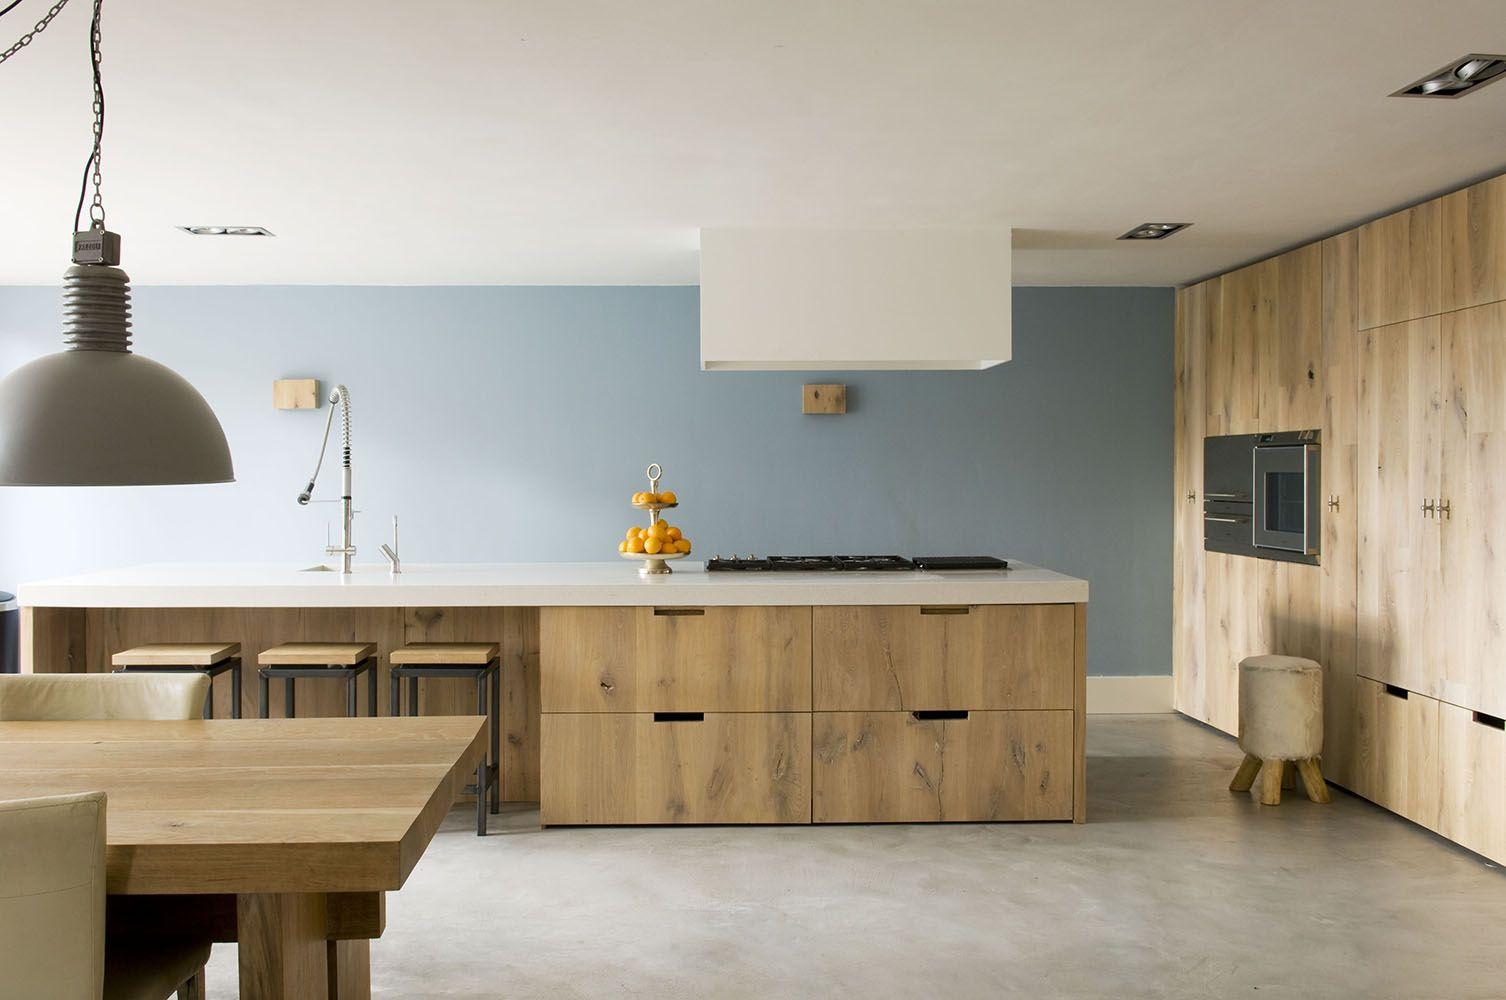 Blauwe muur in keuken sijmen interieur muurverf pinterest muur keuken en interieur - Interieur muur ...